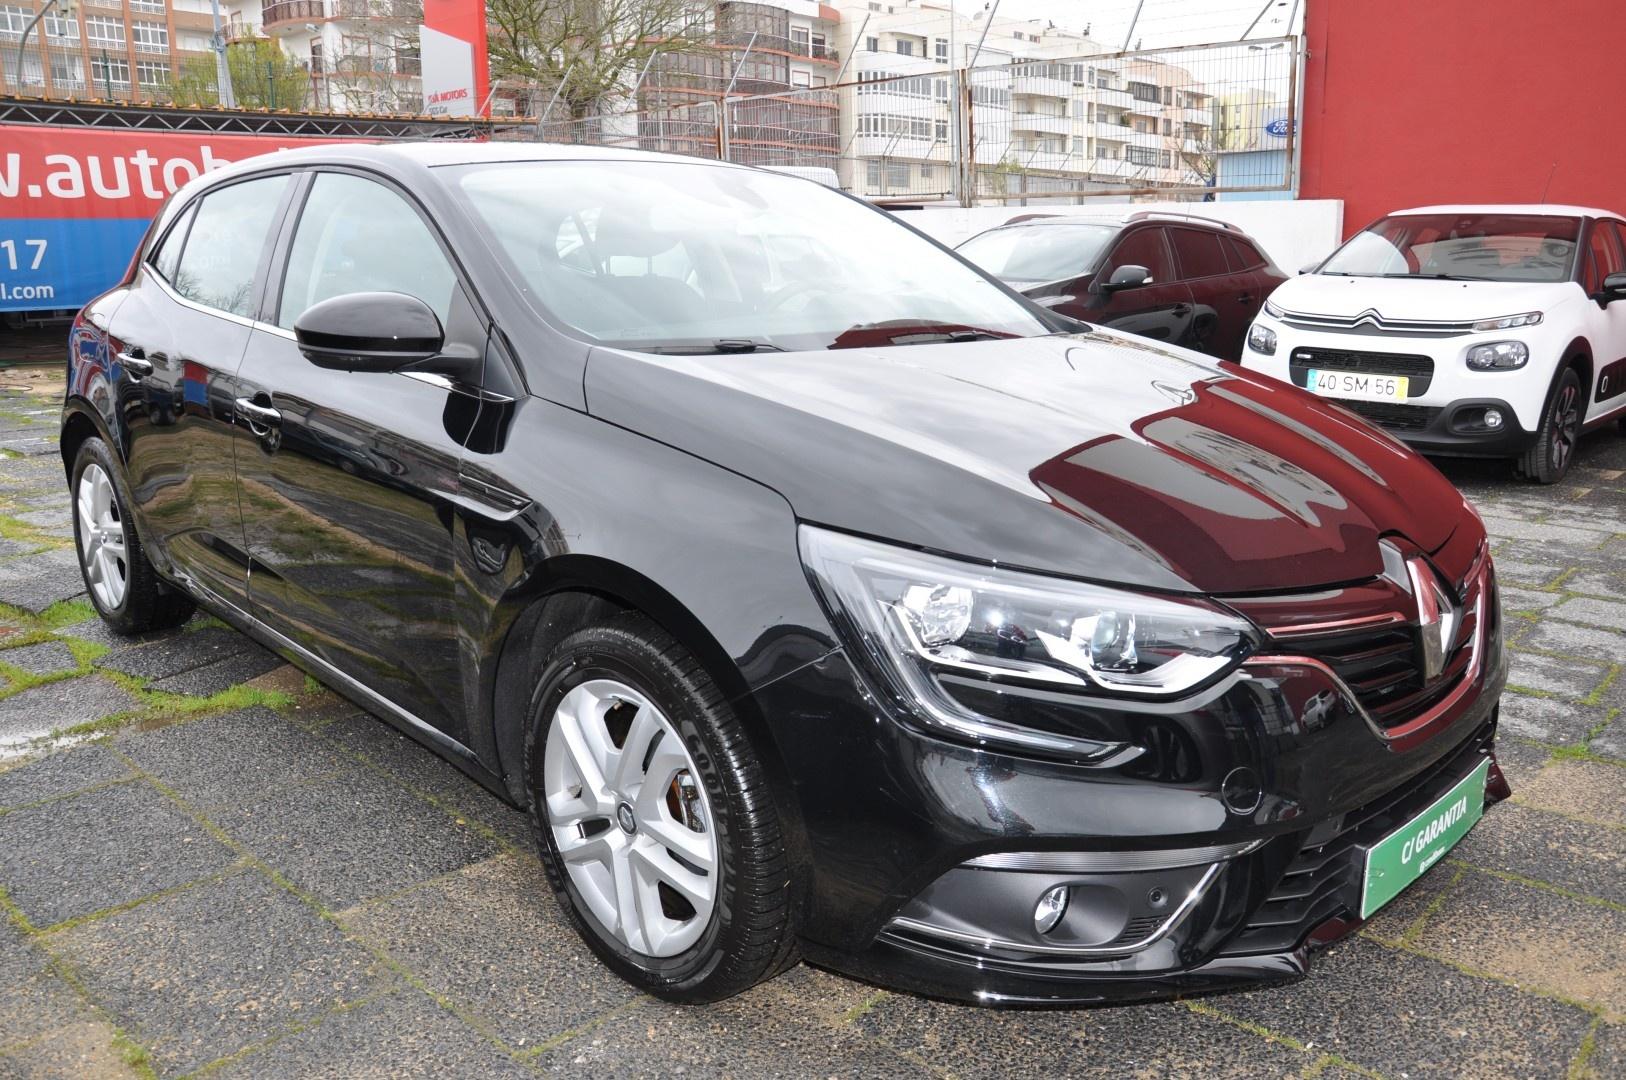 Renault Mégane 1.5Dci Business